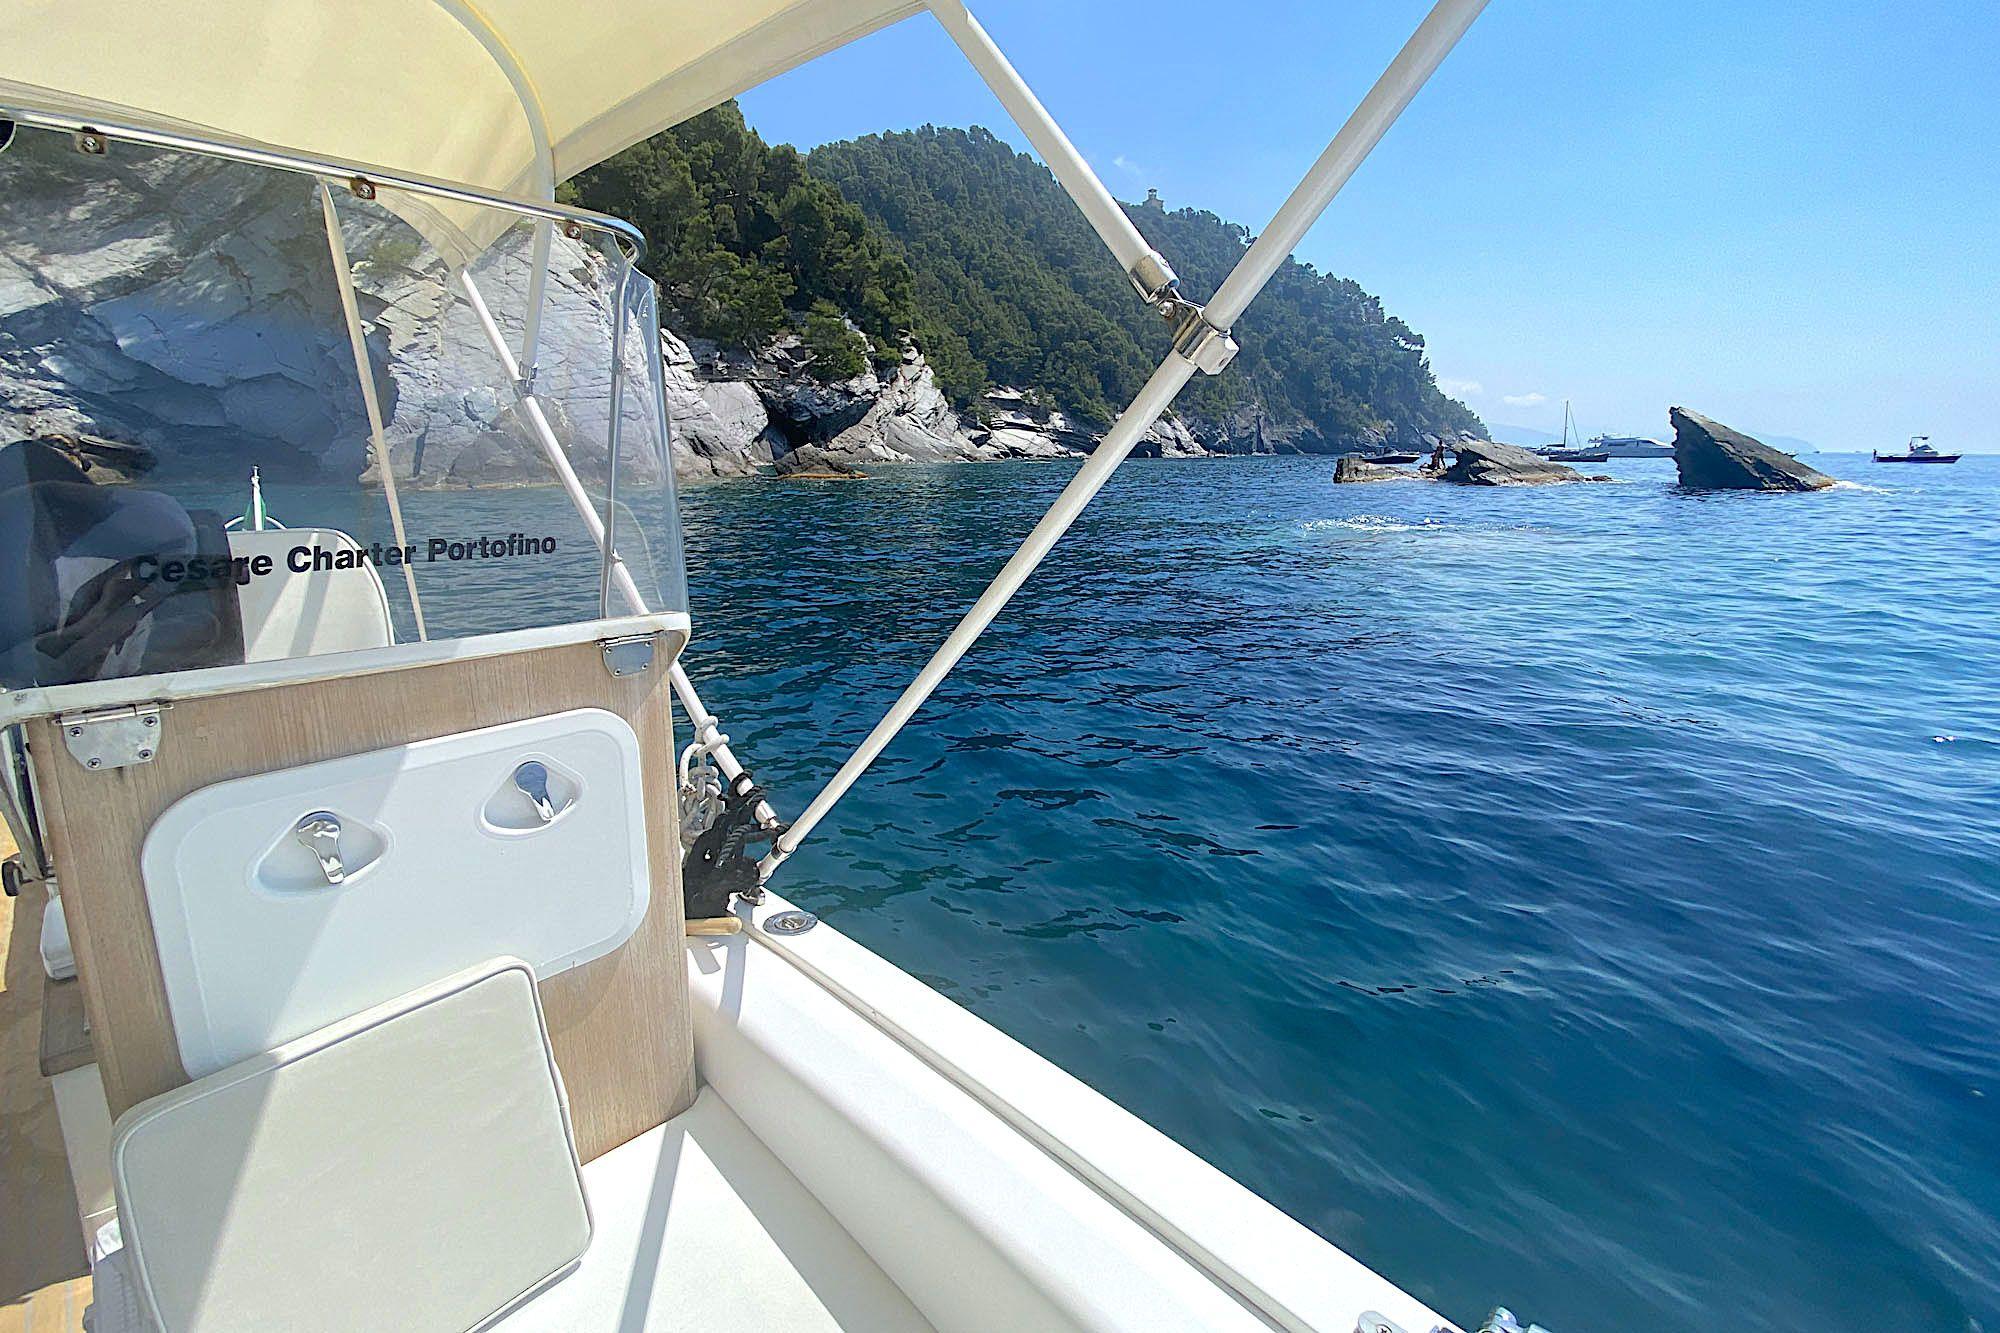 Cesare Charter Portofino - Tour Porto Venere and Palmaria Island, swiw and snorkeling